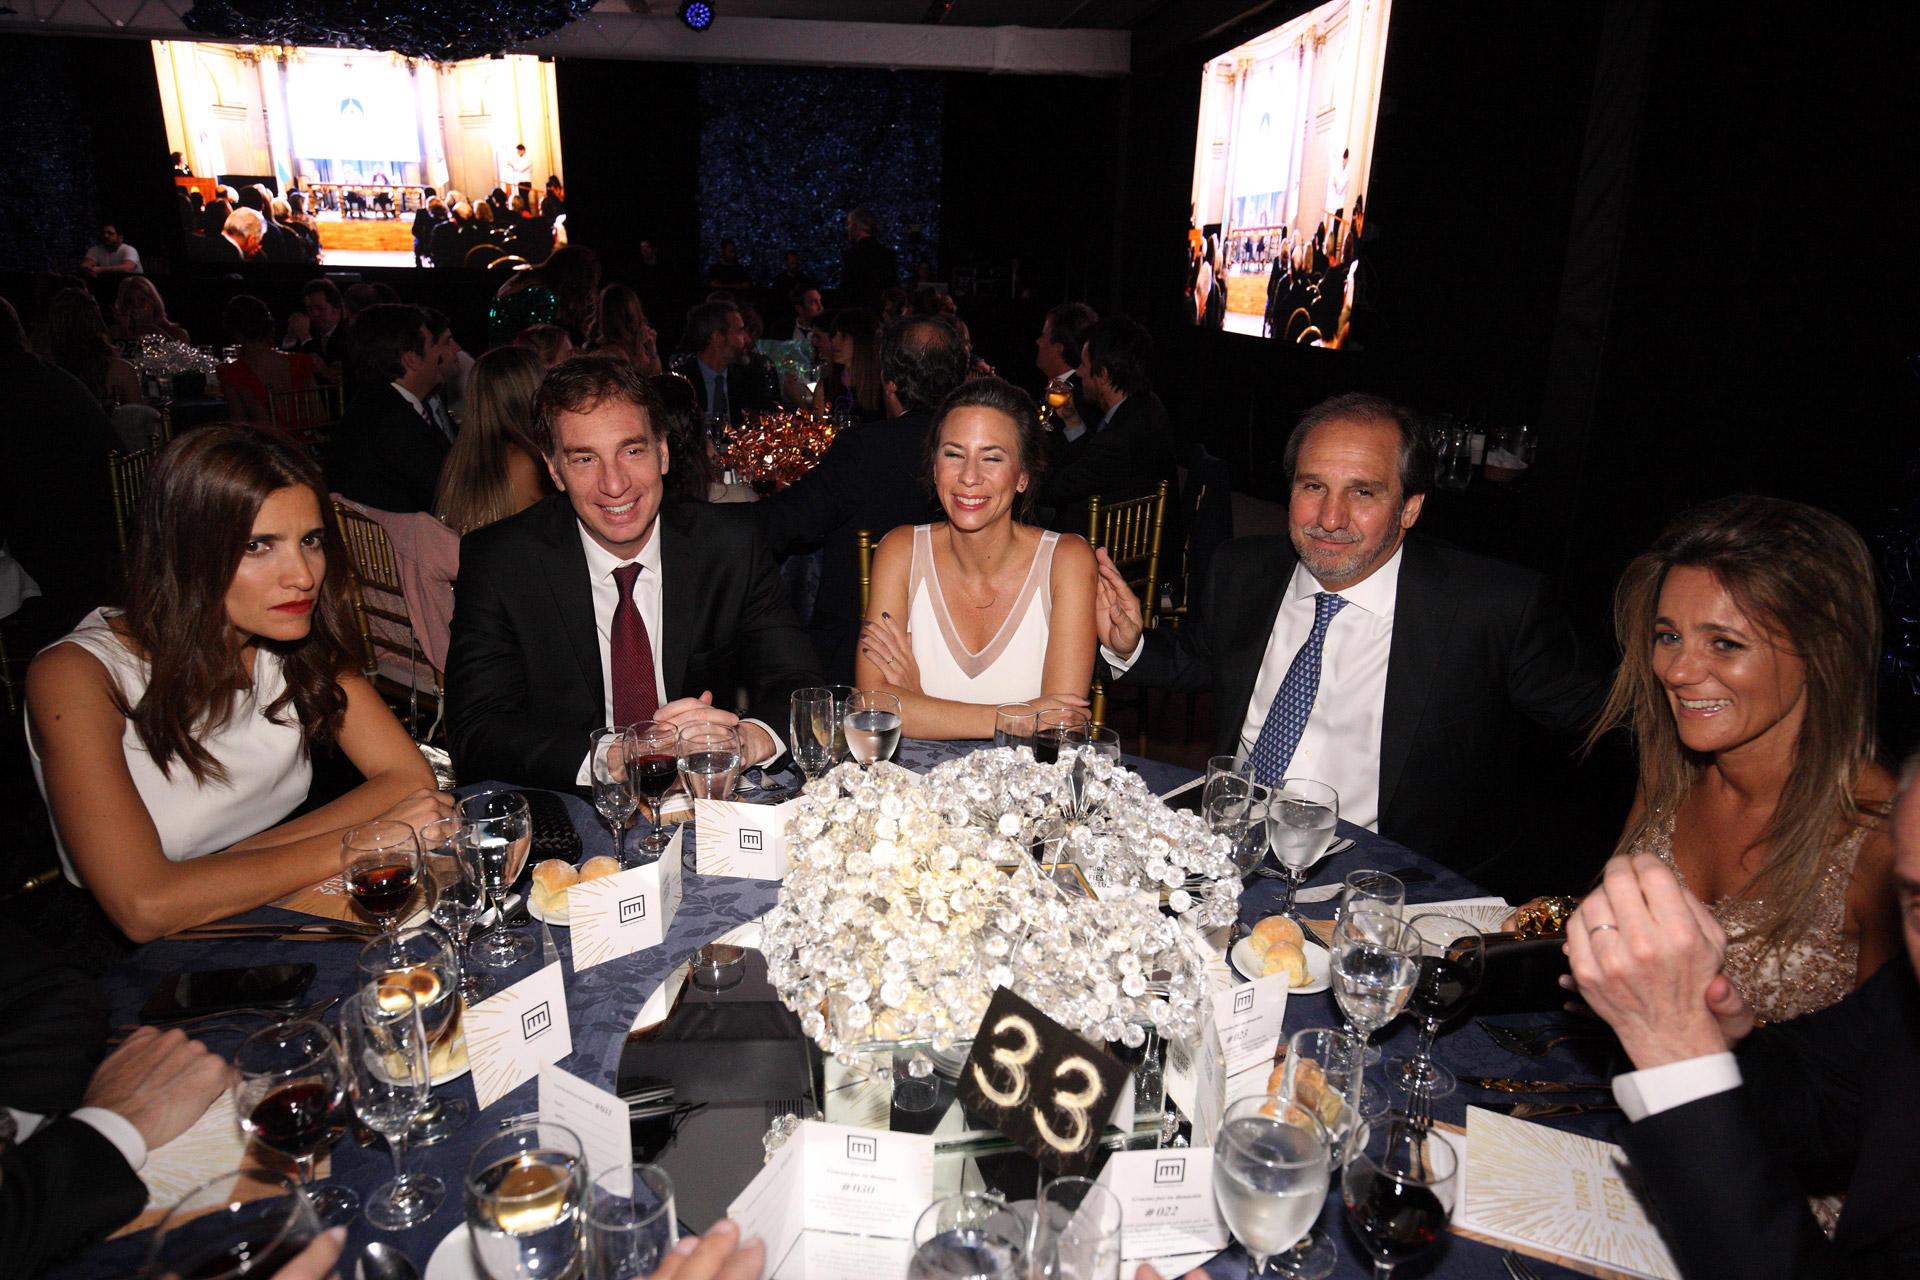 Diego Santilli, Nicolás Caputo y Rogelio Frigerio compartieron una de las mesas principales